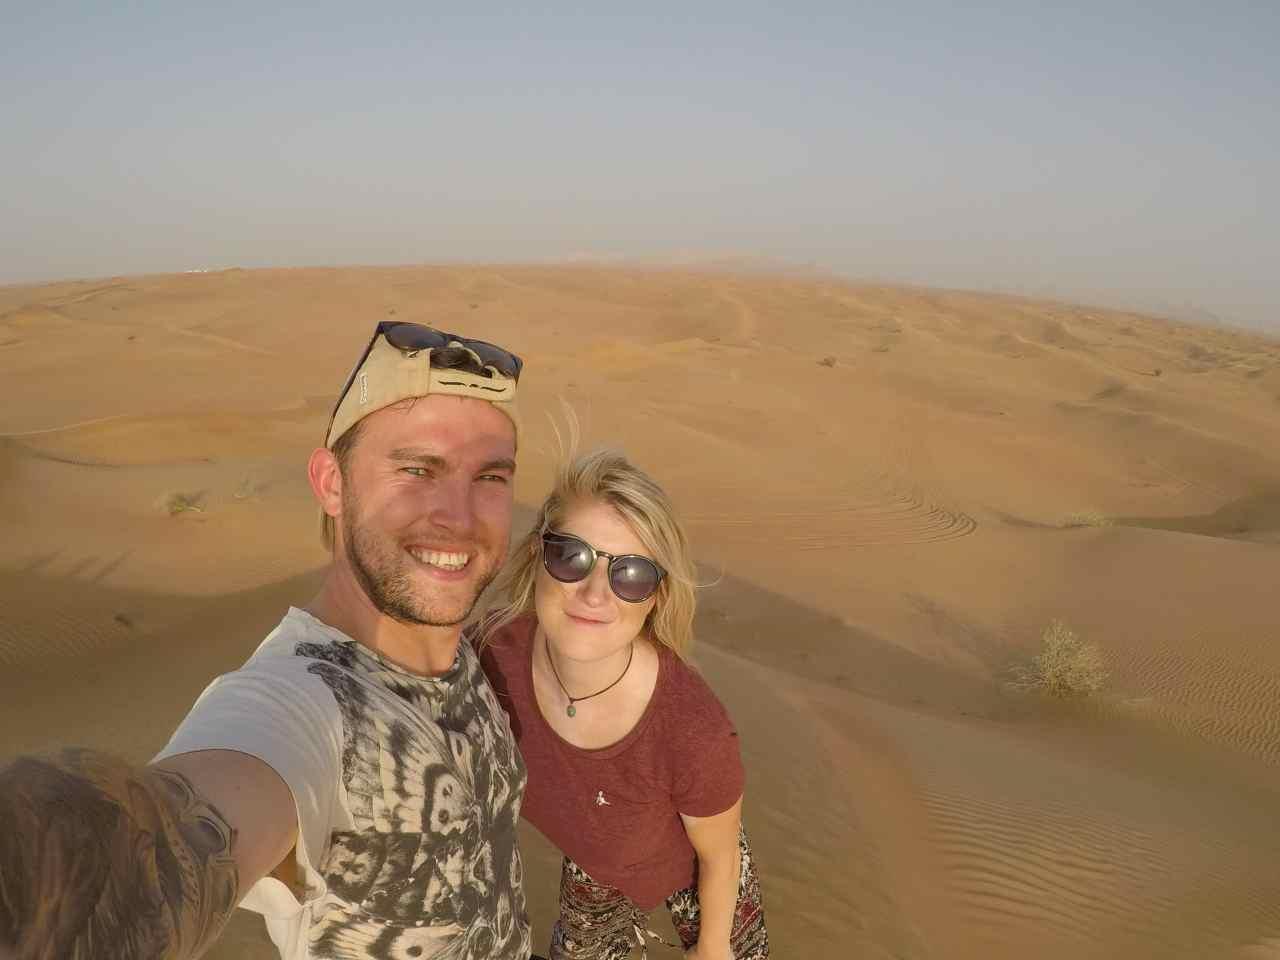 Desert selfie GoPro Dubai